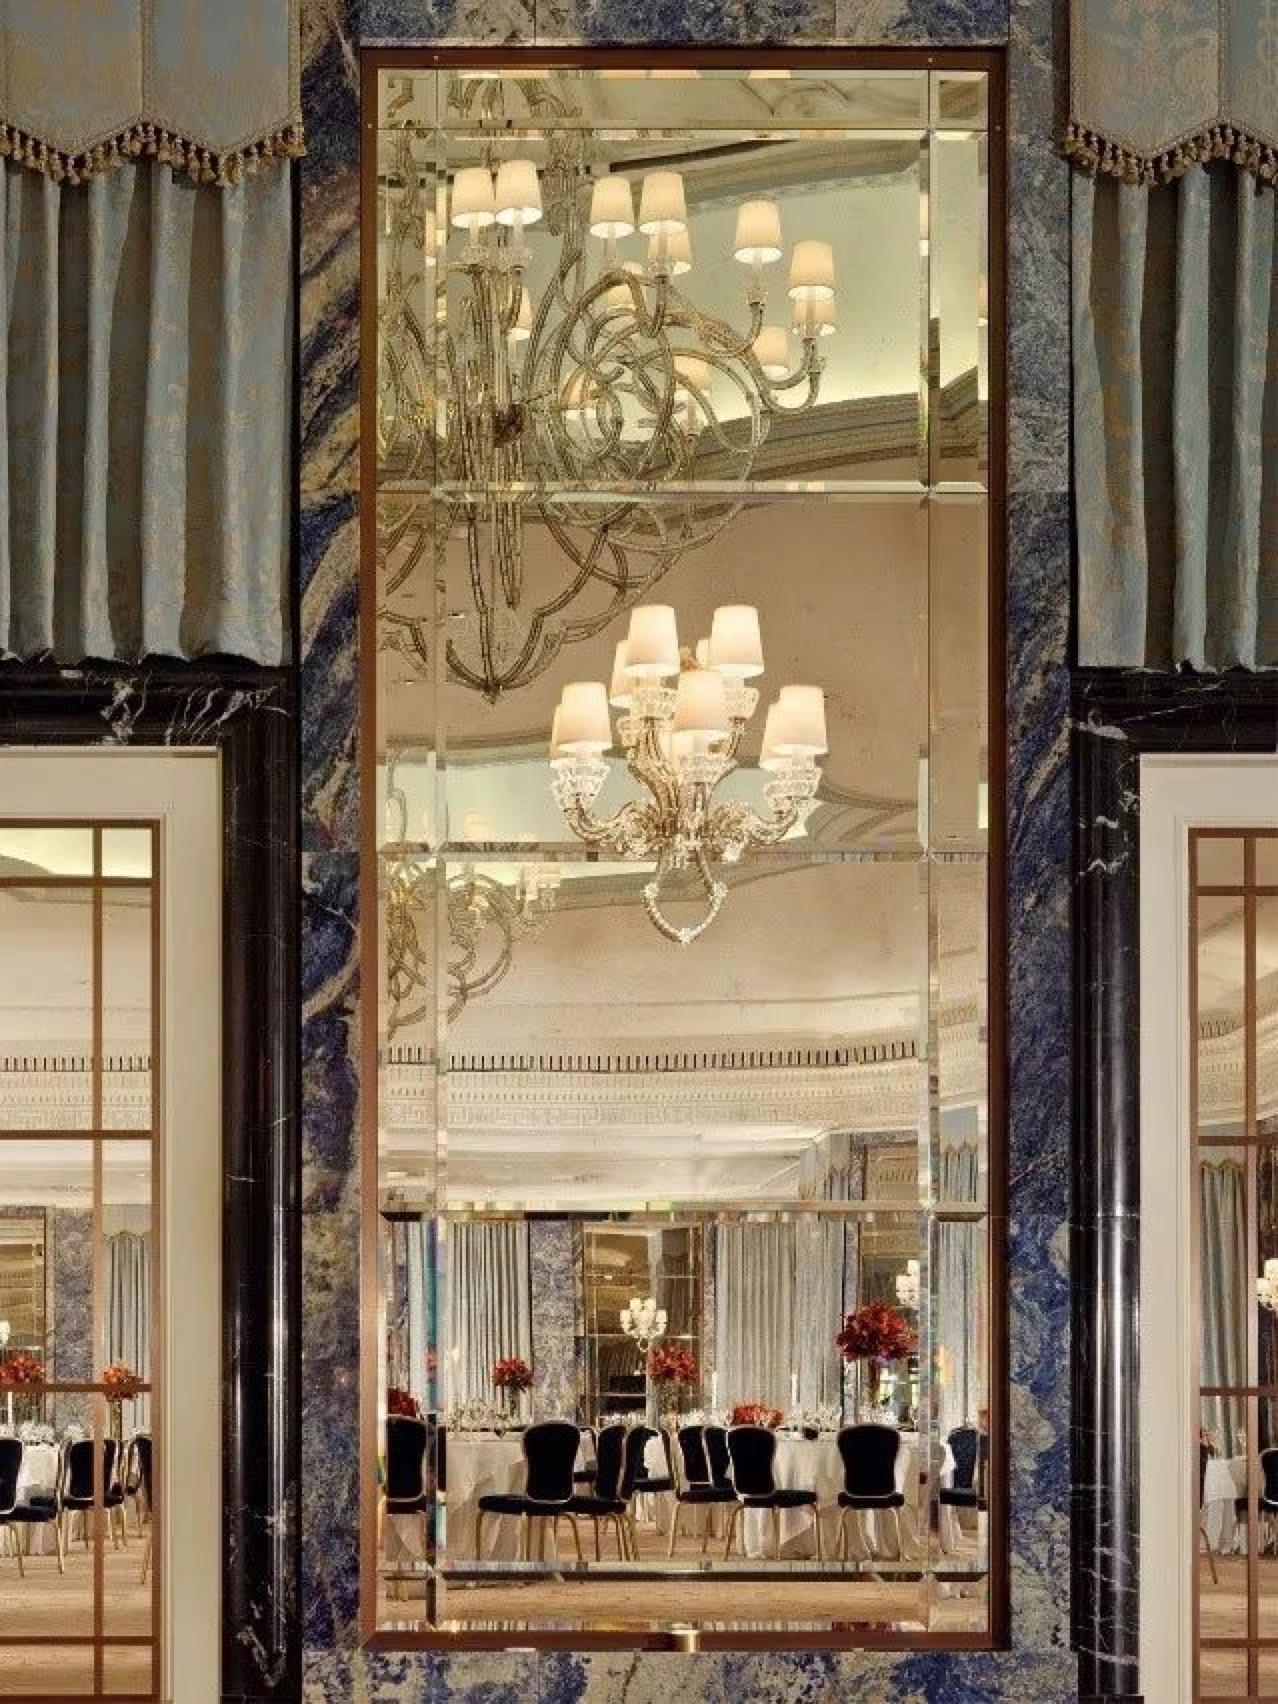 酒店宴会厅 The Ballroom